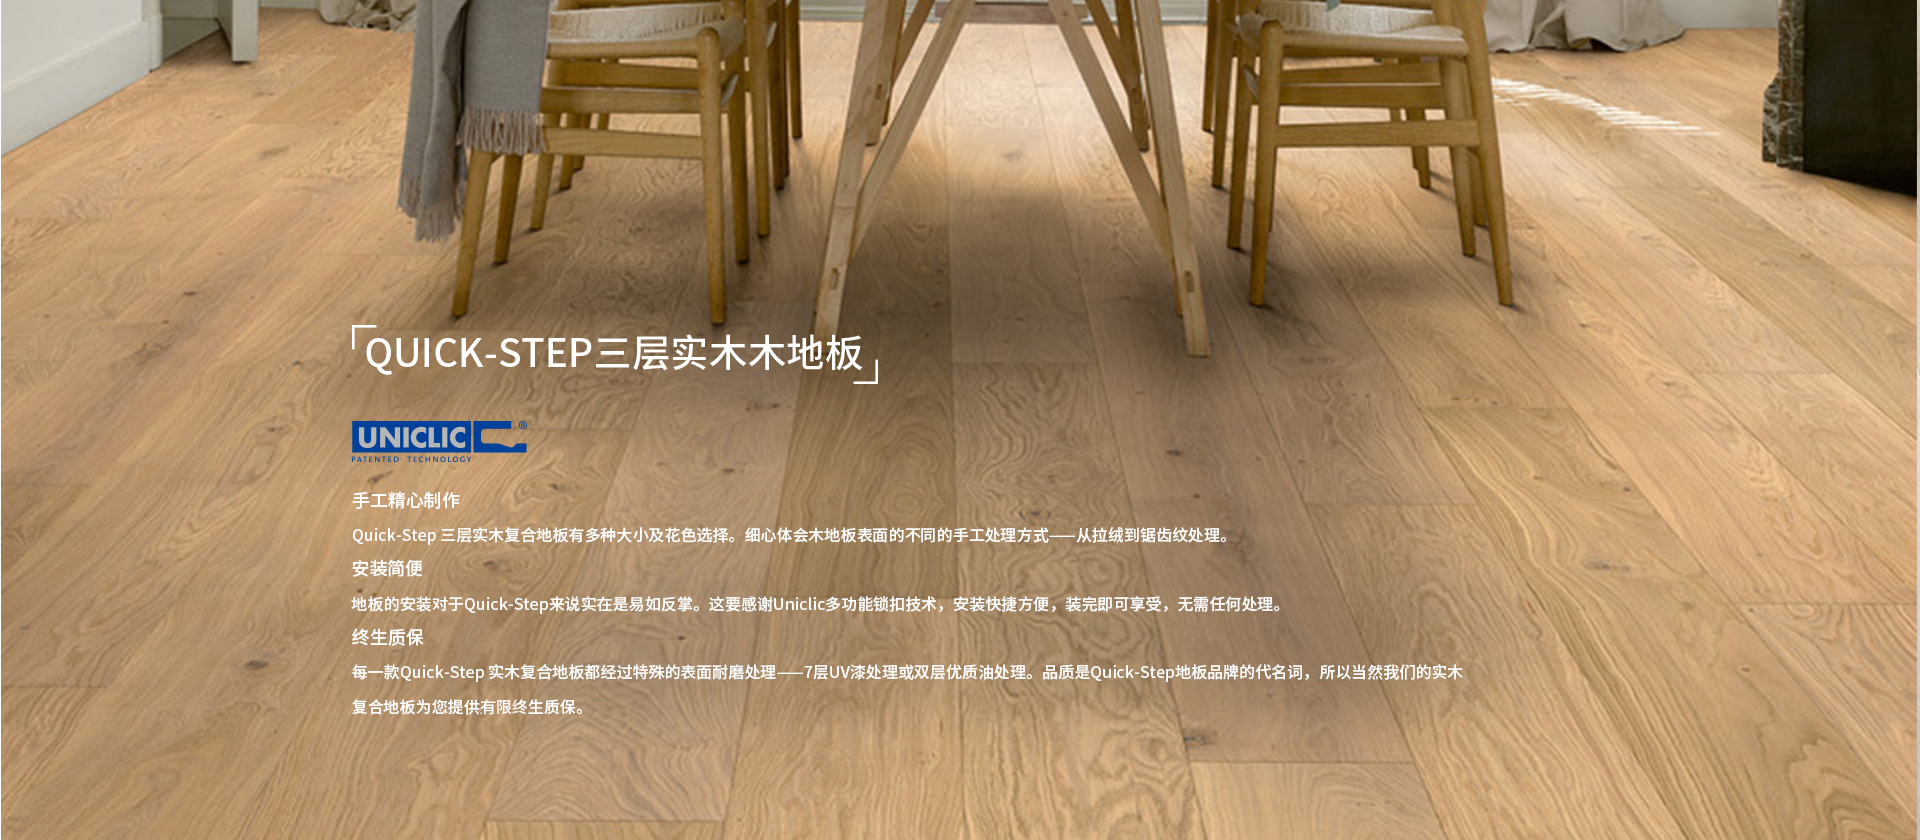 三层实木地板_进口地板